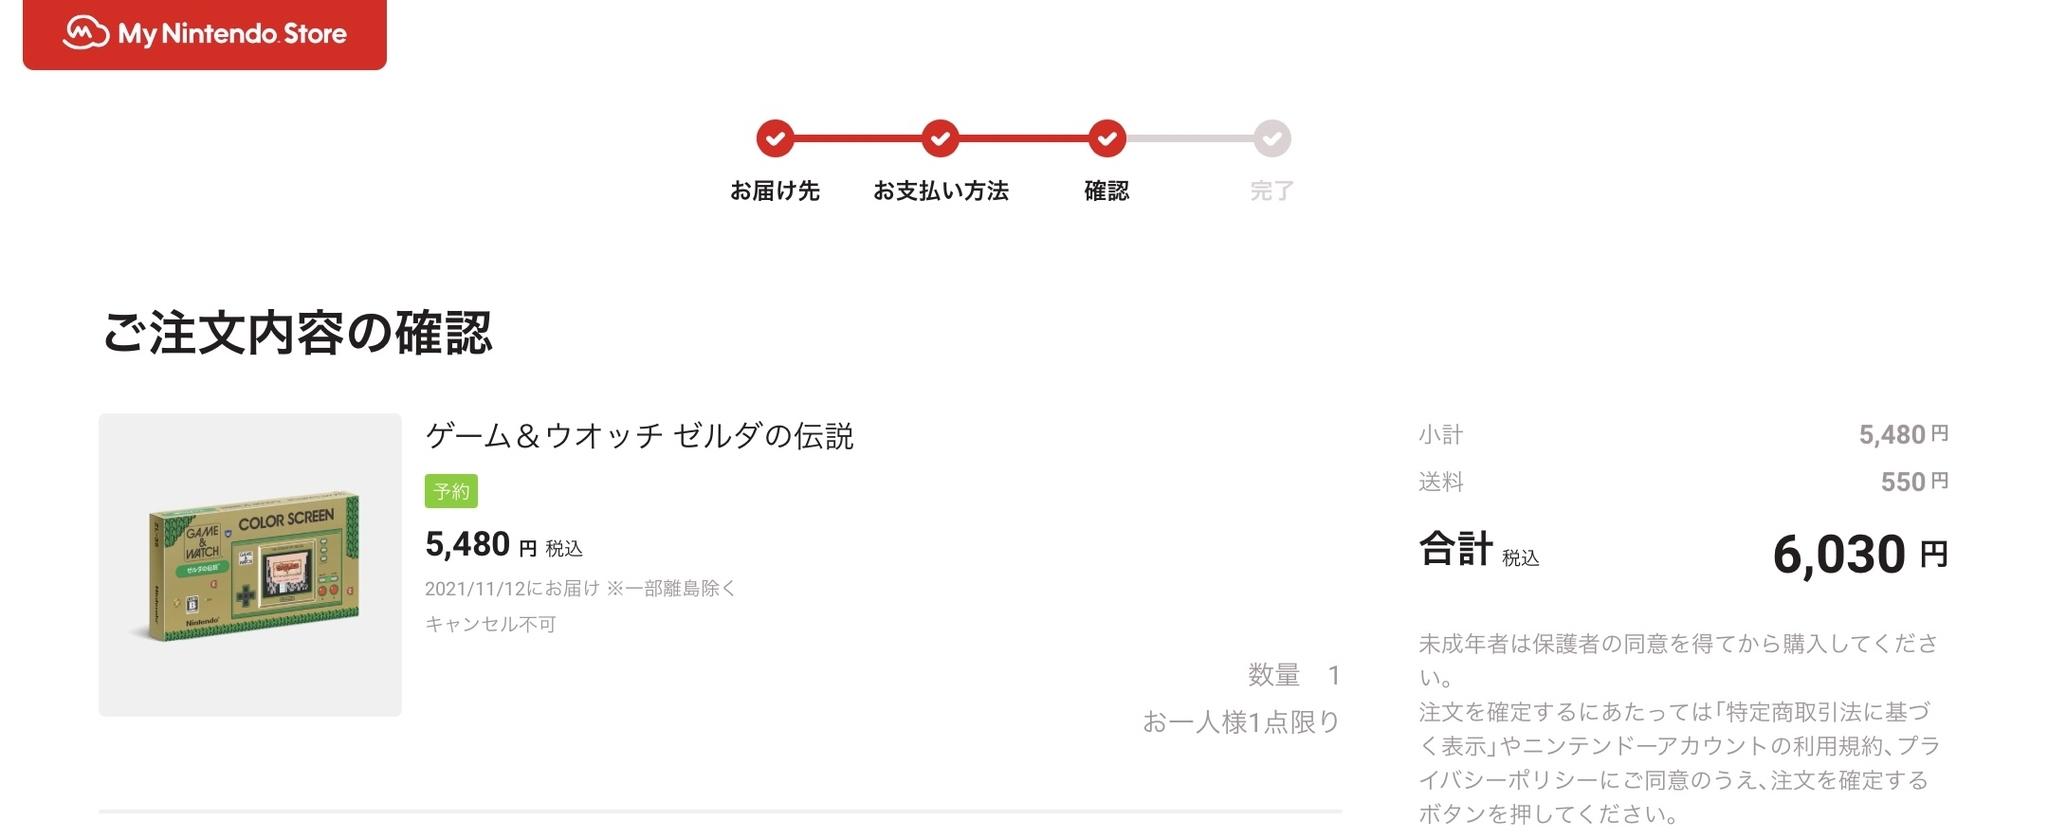 f:id:mogami74:20210618223956j:plain